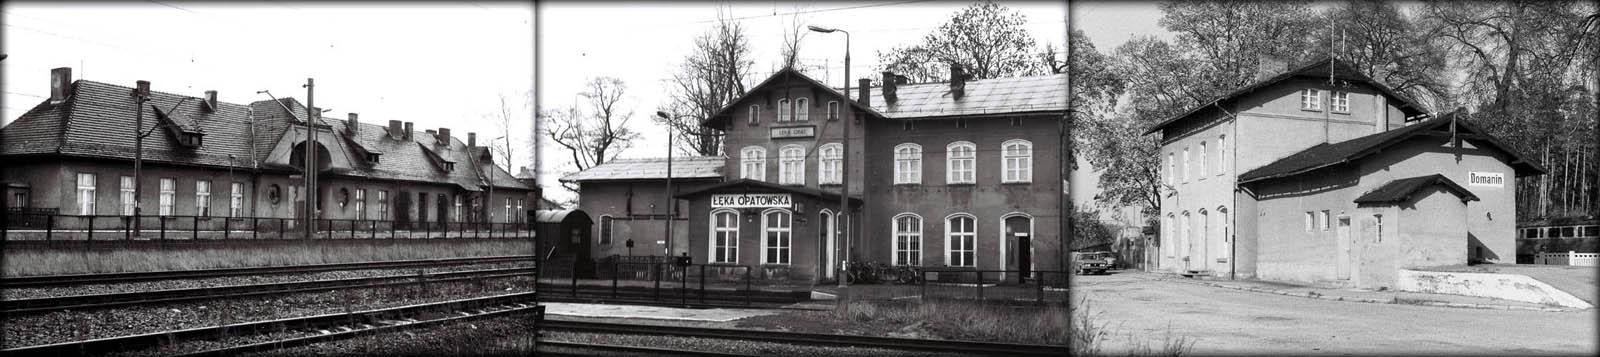 Od lewej Łęka Opatowska 10.01.1990. Z prawej Domanin 12.11.1990.